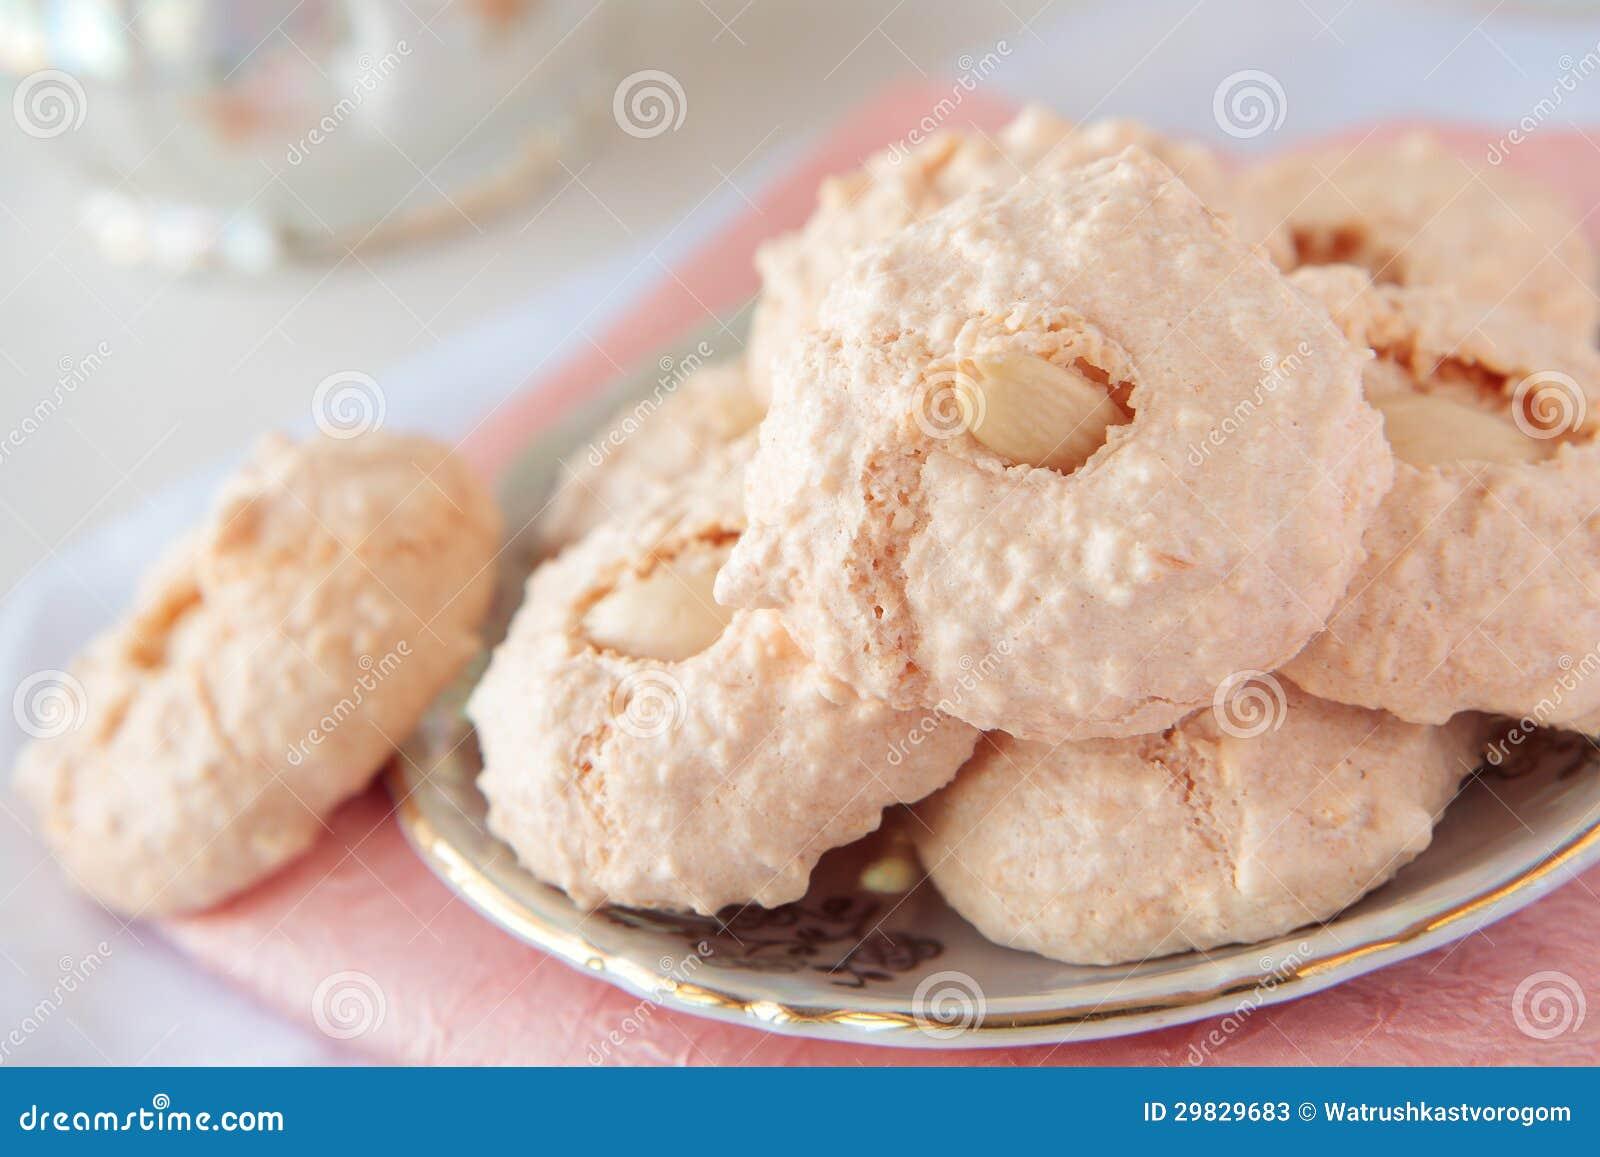 Biscoitos com amêndoa e coco no sauser